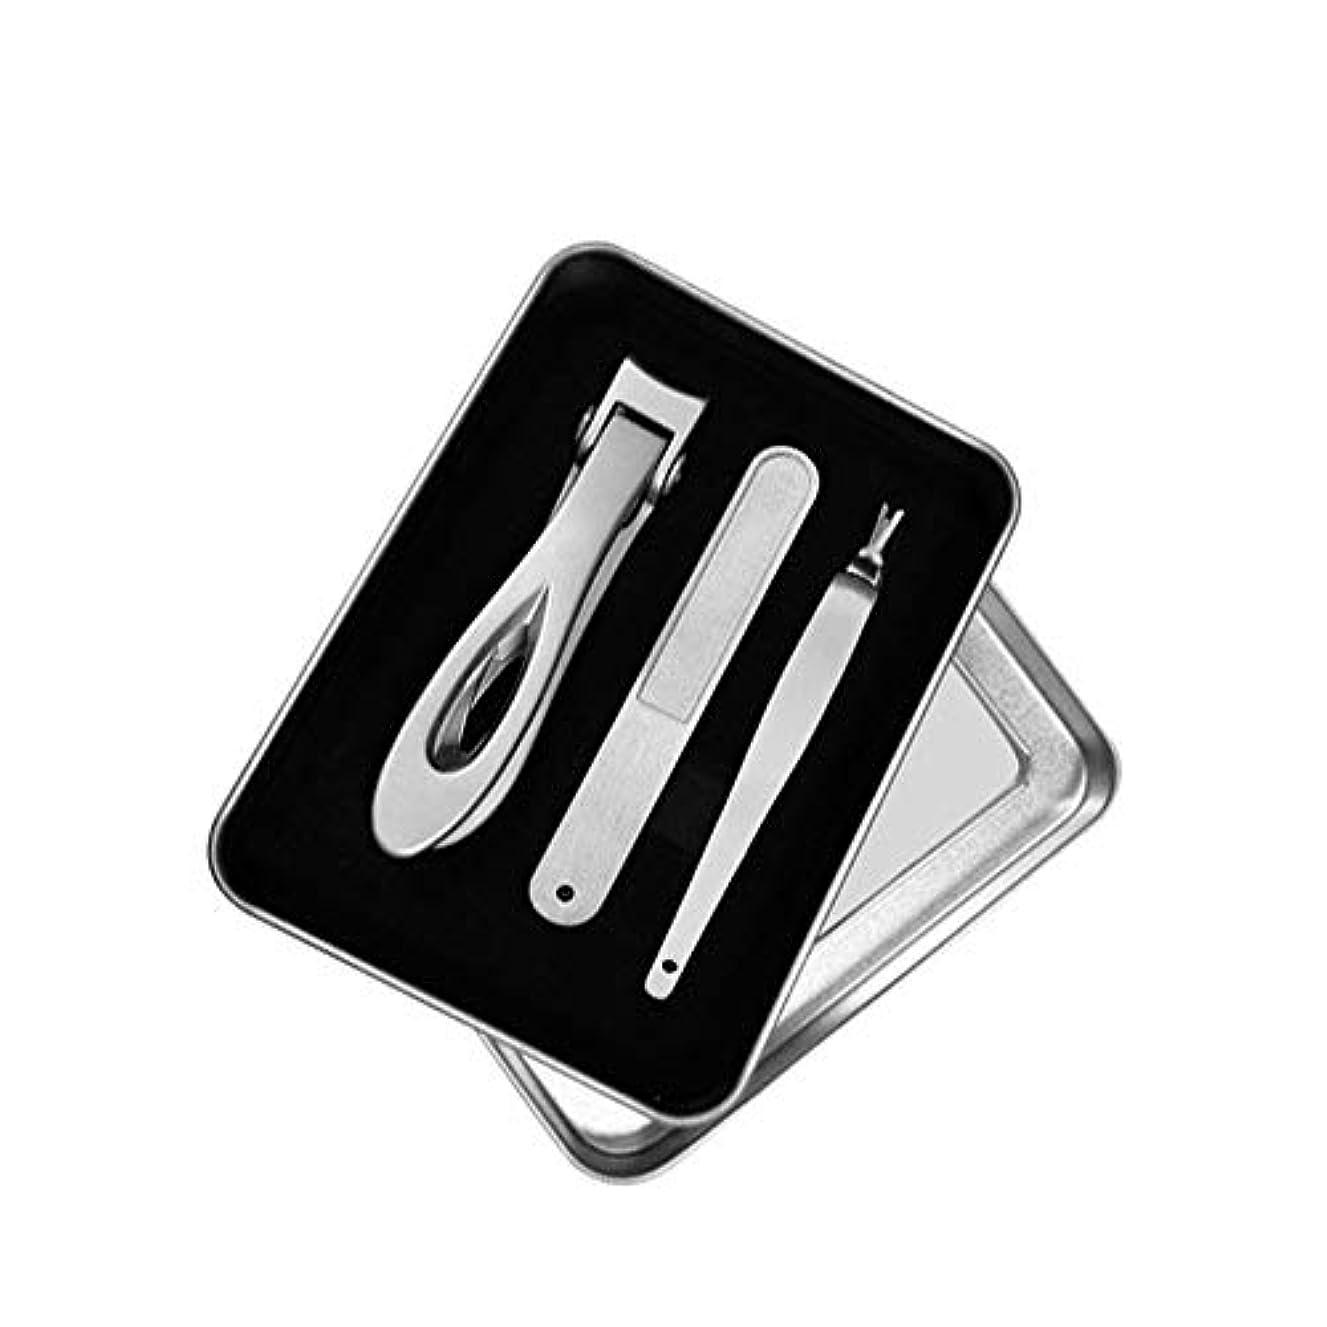 厄介な閉塞ロープ口の大きい爪切り 高級つめきり ステンレス製爪切りセット収納ケース付き、シルバー、3点セット